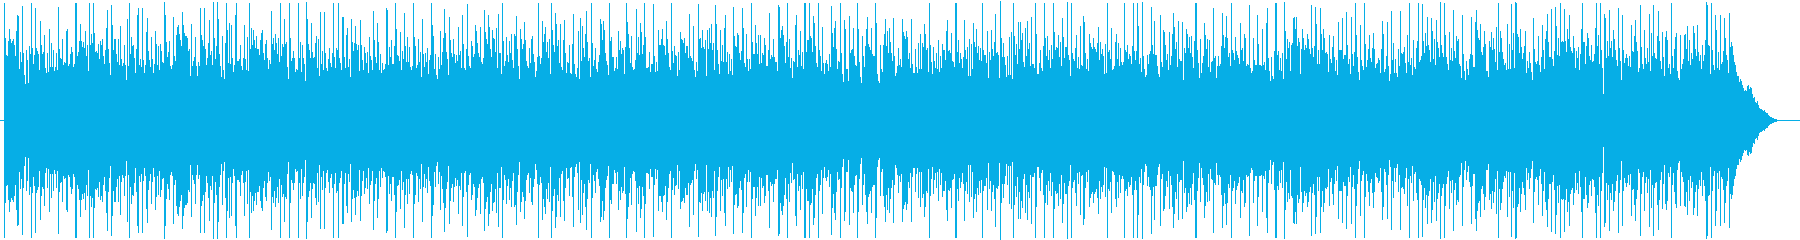 生演奏!穏やかな朝のアコギポップスの再生済みの波形